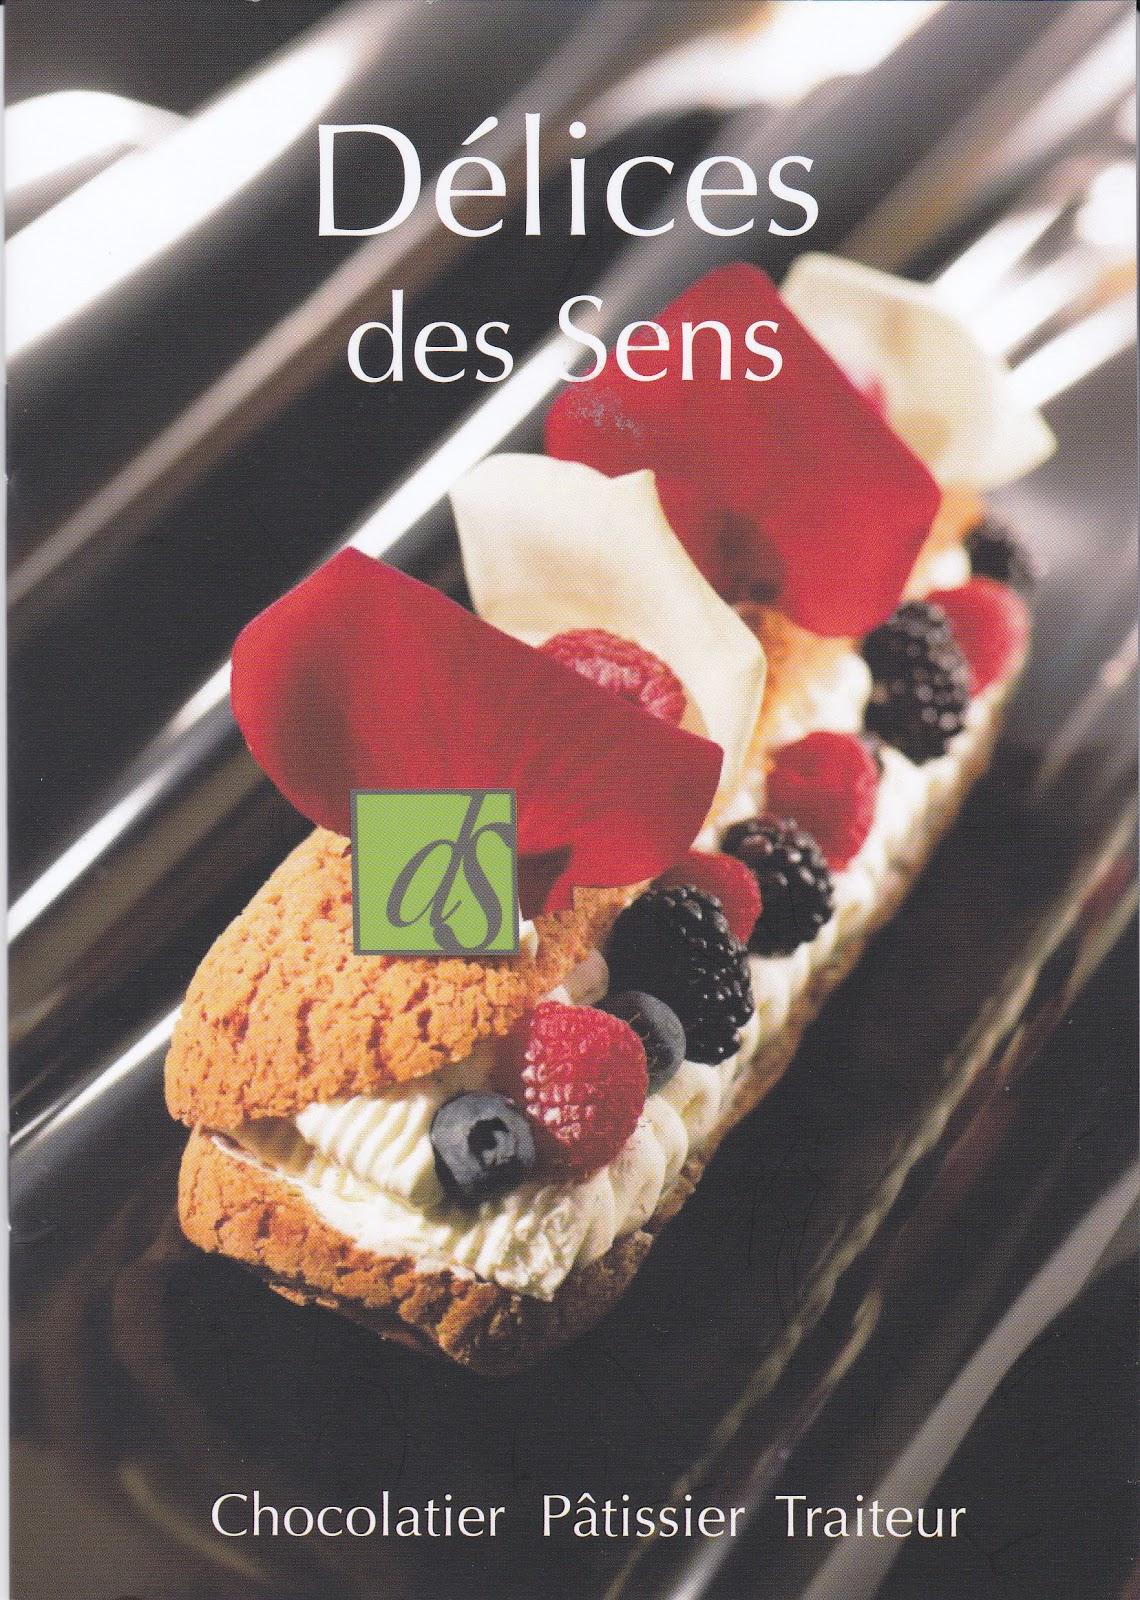 alex restaurant brotteaux